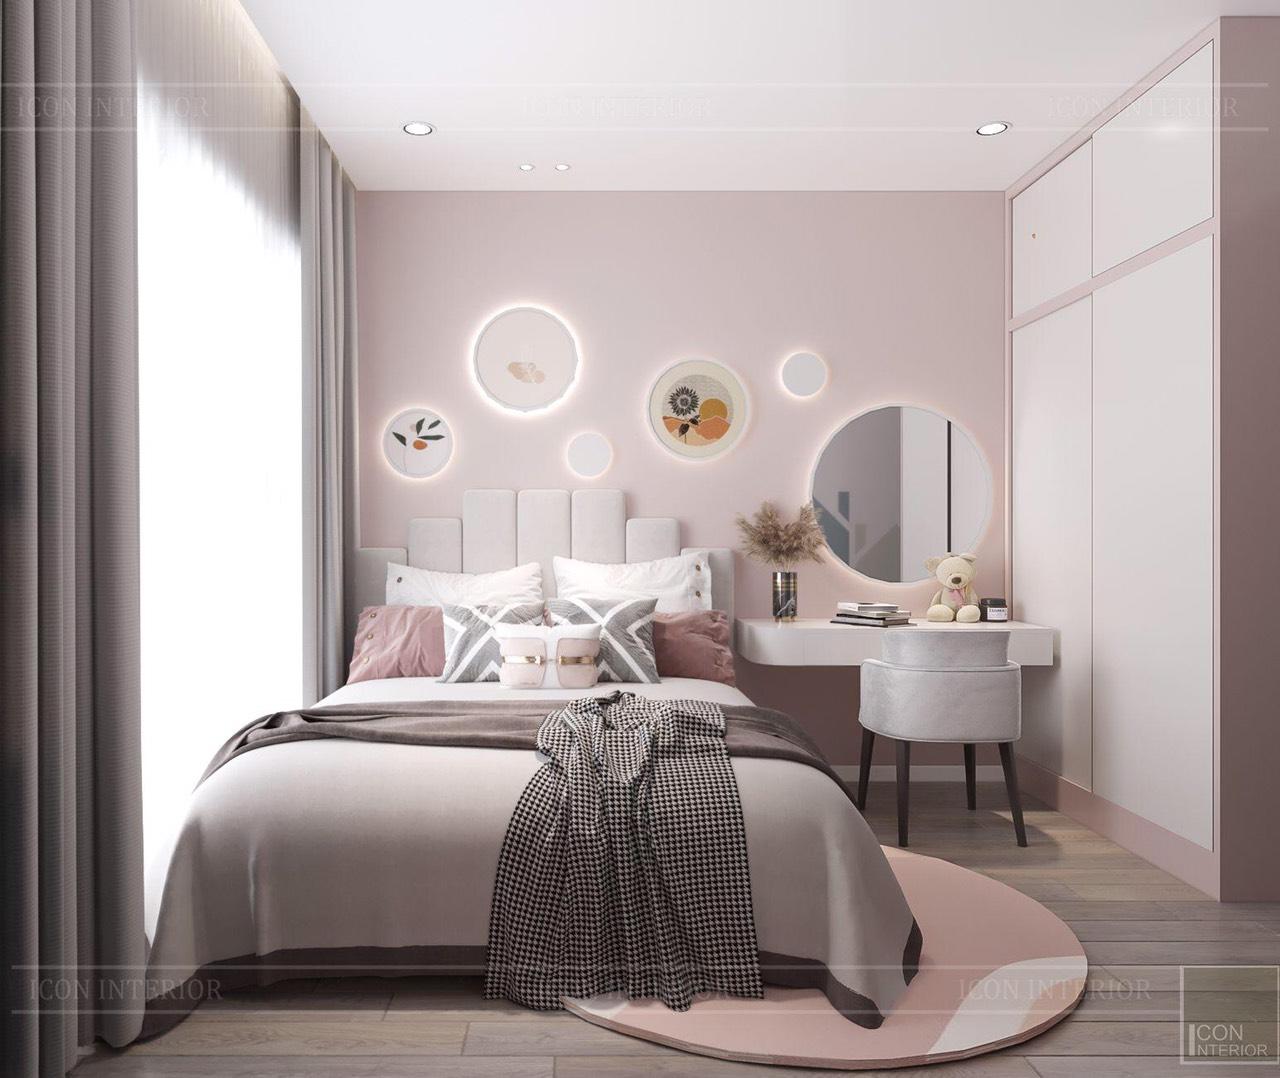 Thiết kế nội thất căn hộ Feliz En Vista ms.Hà B.17.10 - phòng ngủ trẻ em